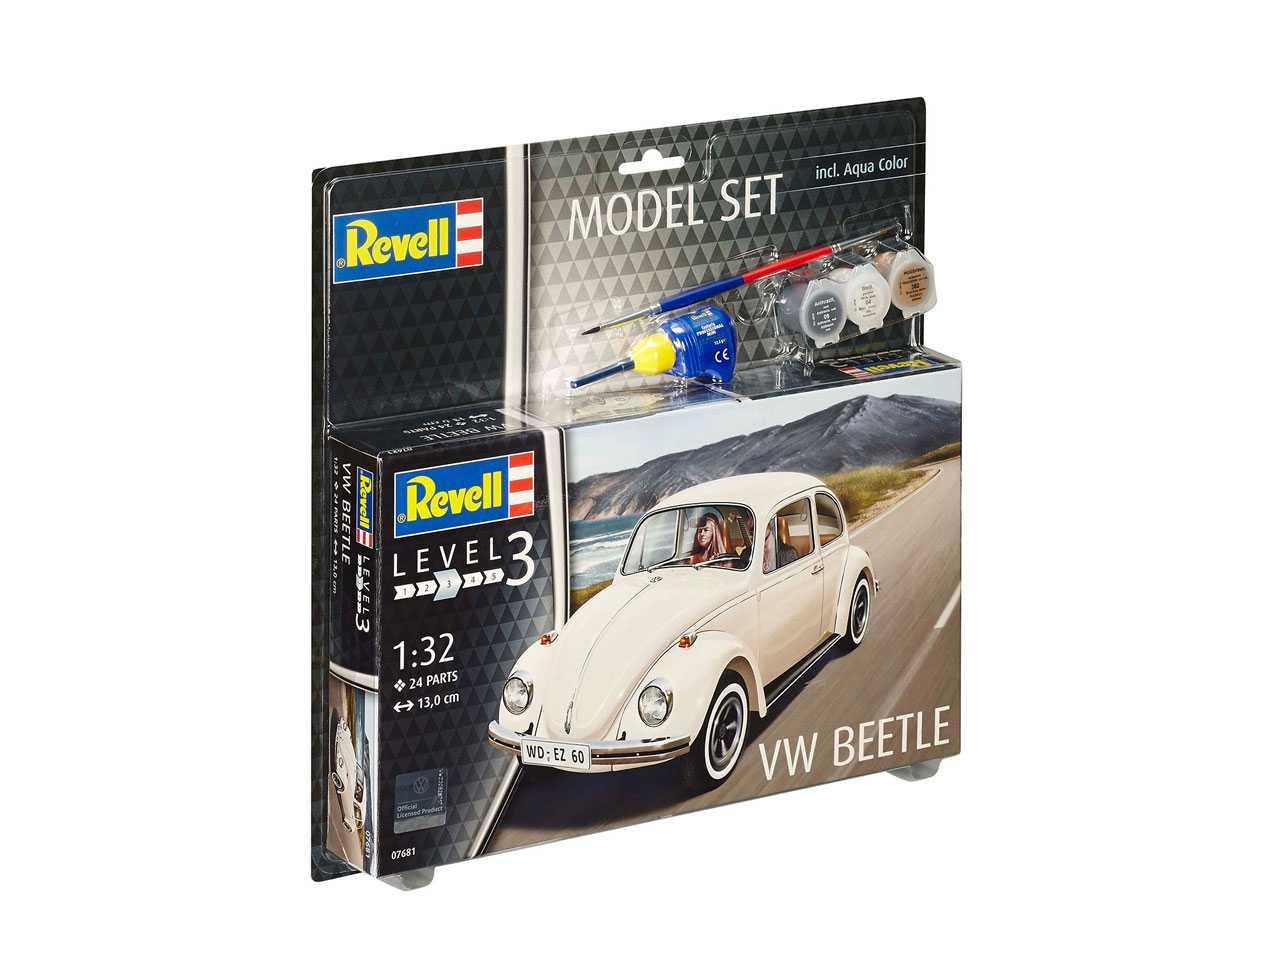 1:32 VW Beetle (Model Set)